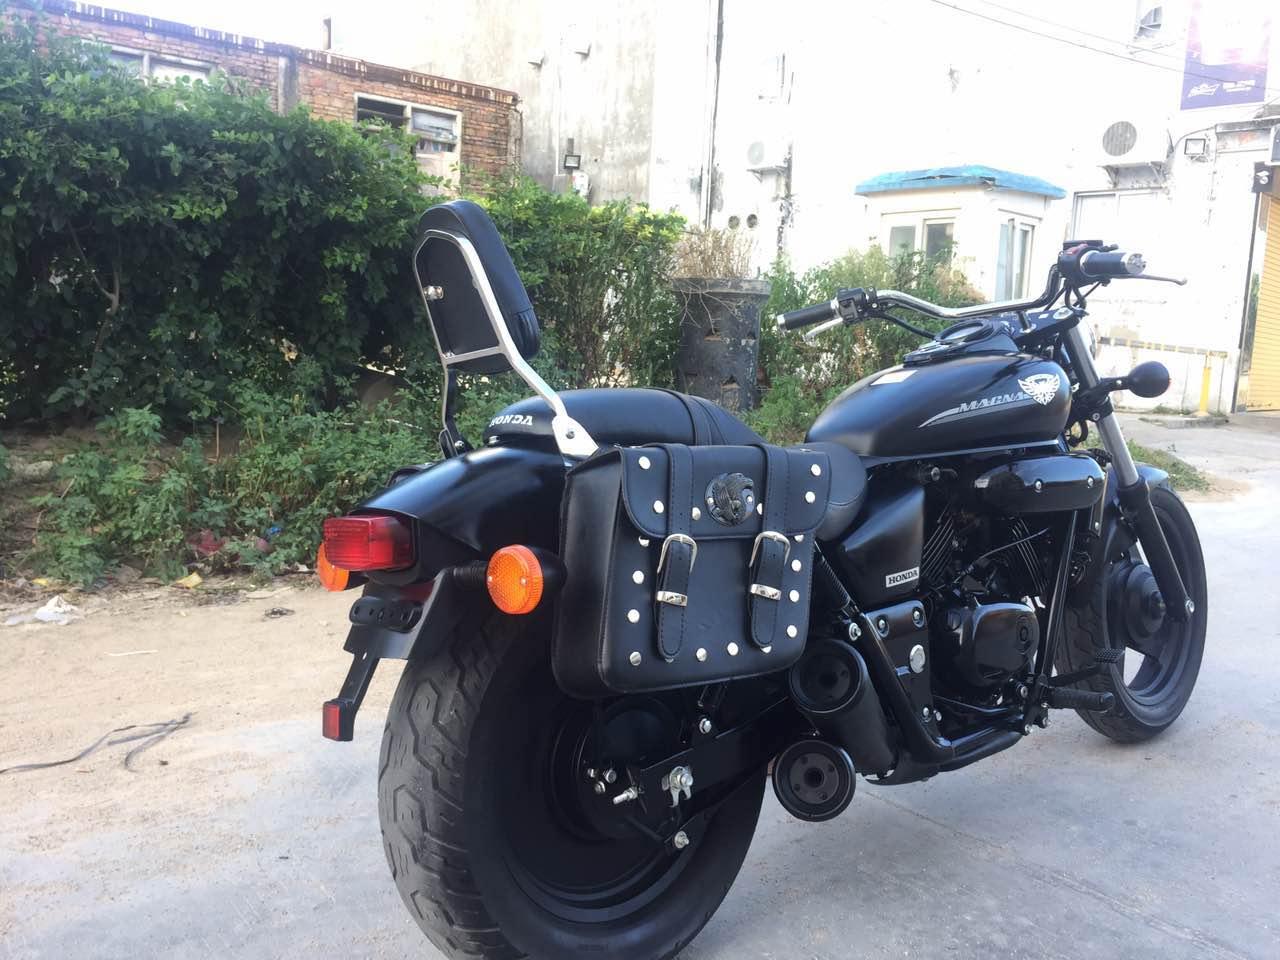 本田马格纳250摩托车价格 批发 报价 一呼百应移动站